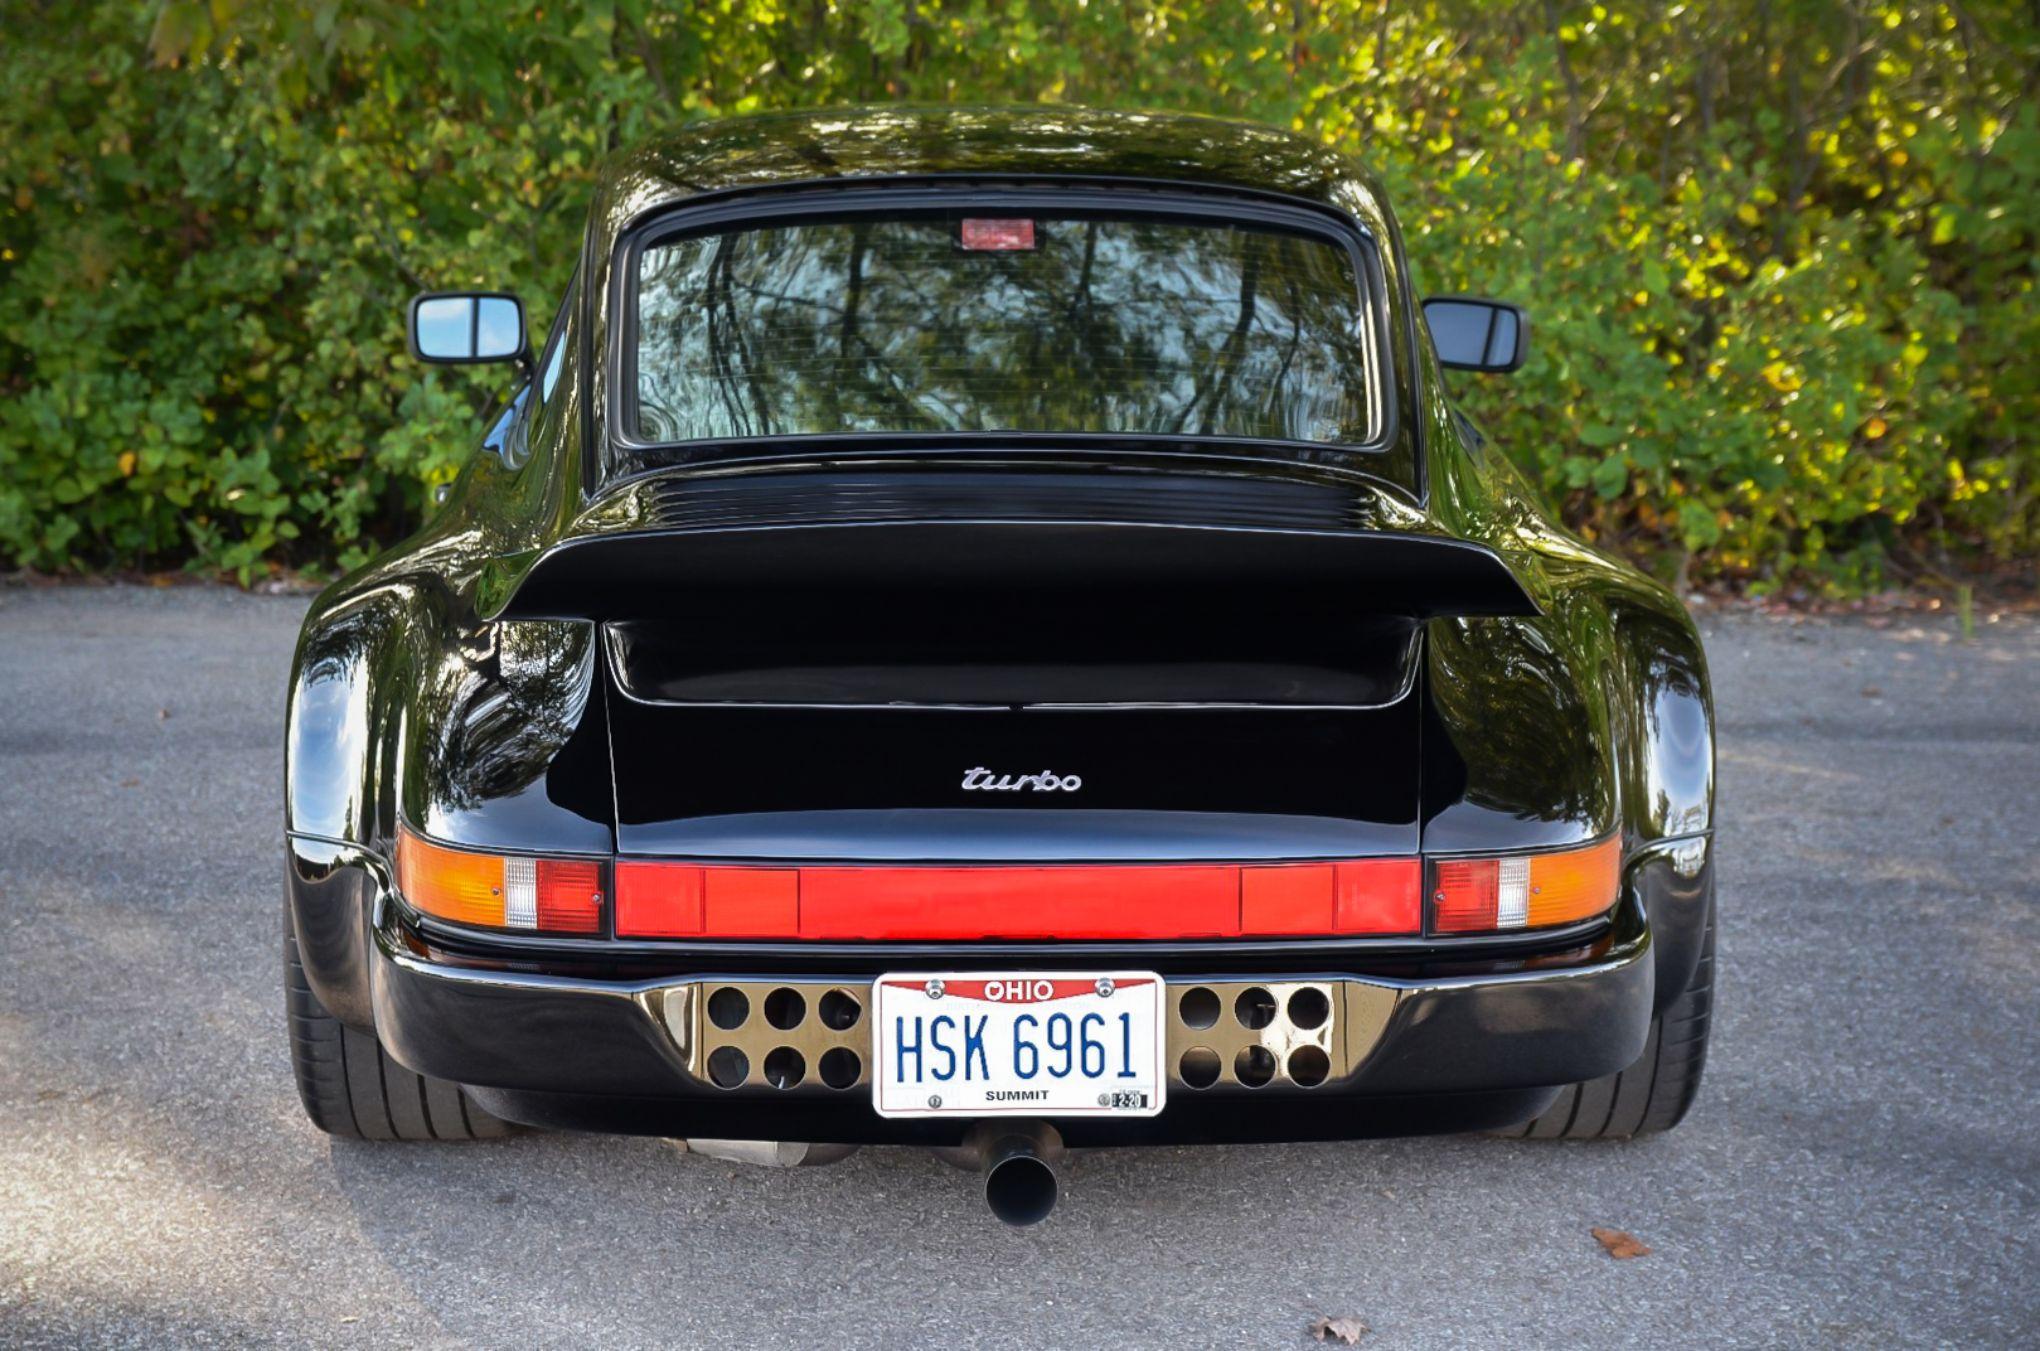 Dt Modified 1987 Porsche 930 Turbo Coupe Pcarmarket